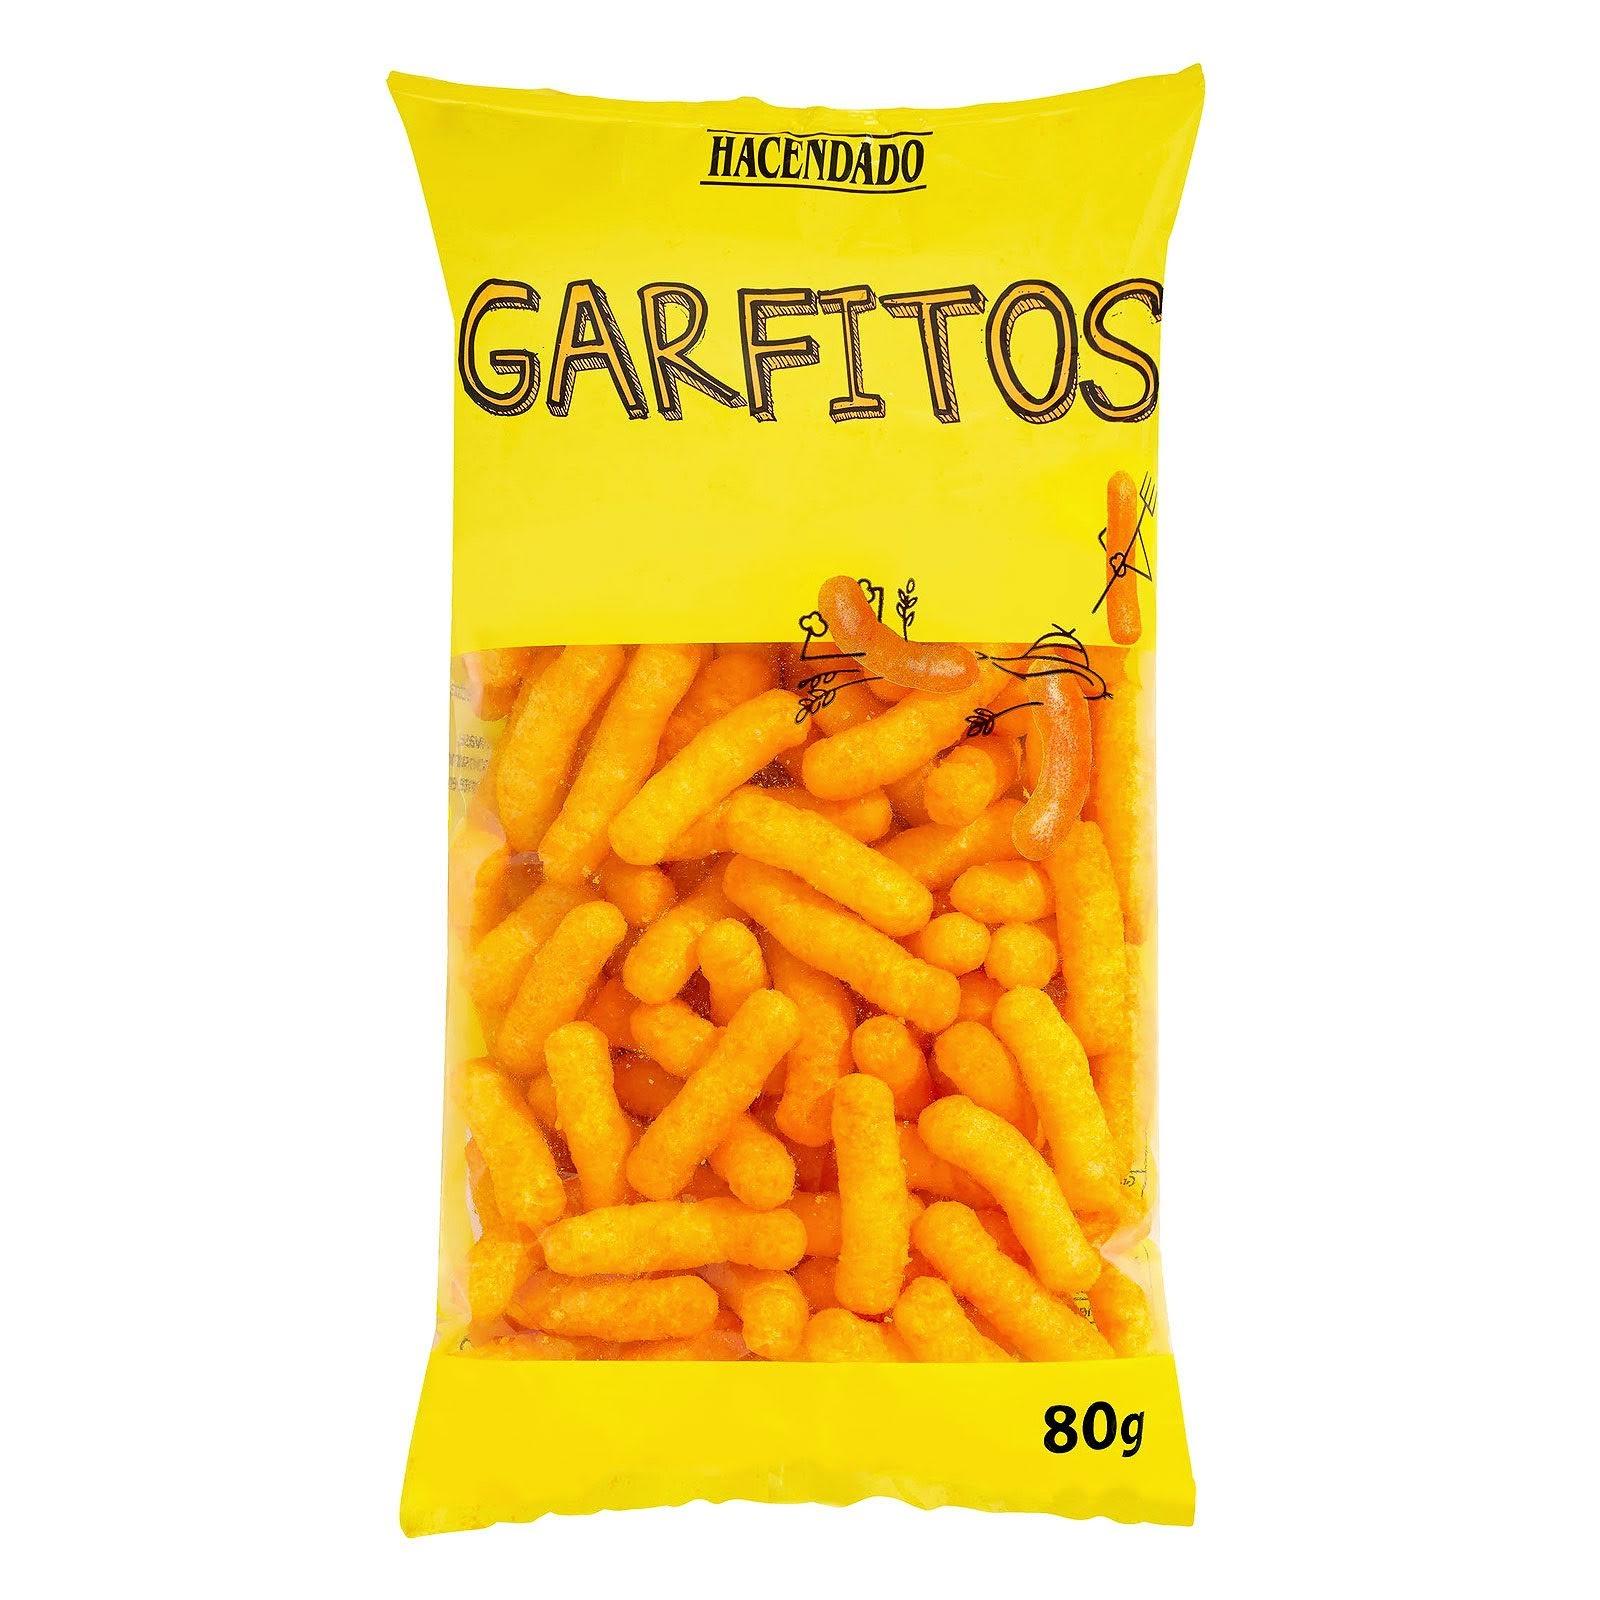 Garfitos de maíz sabor queso Hacendado